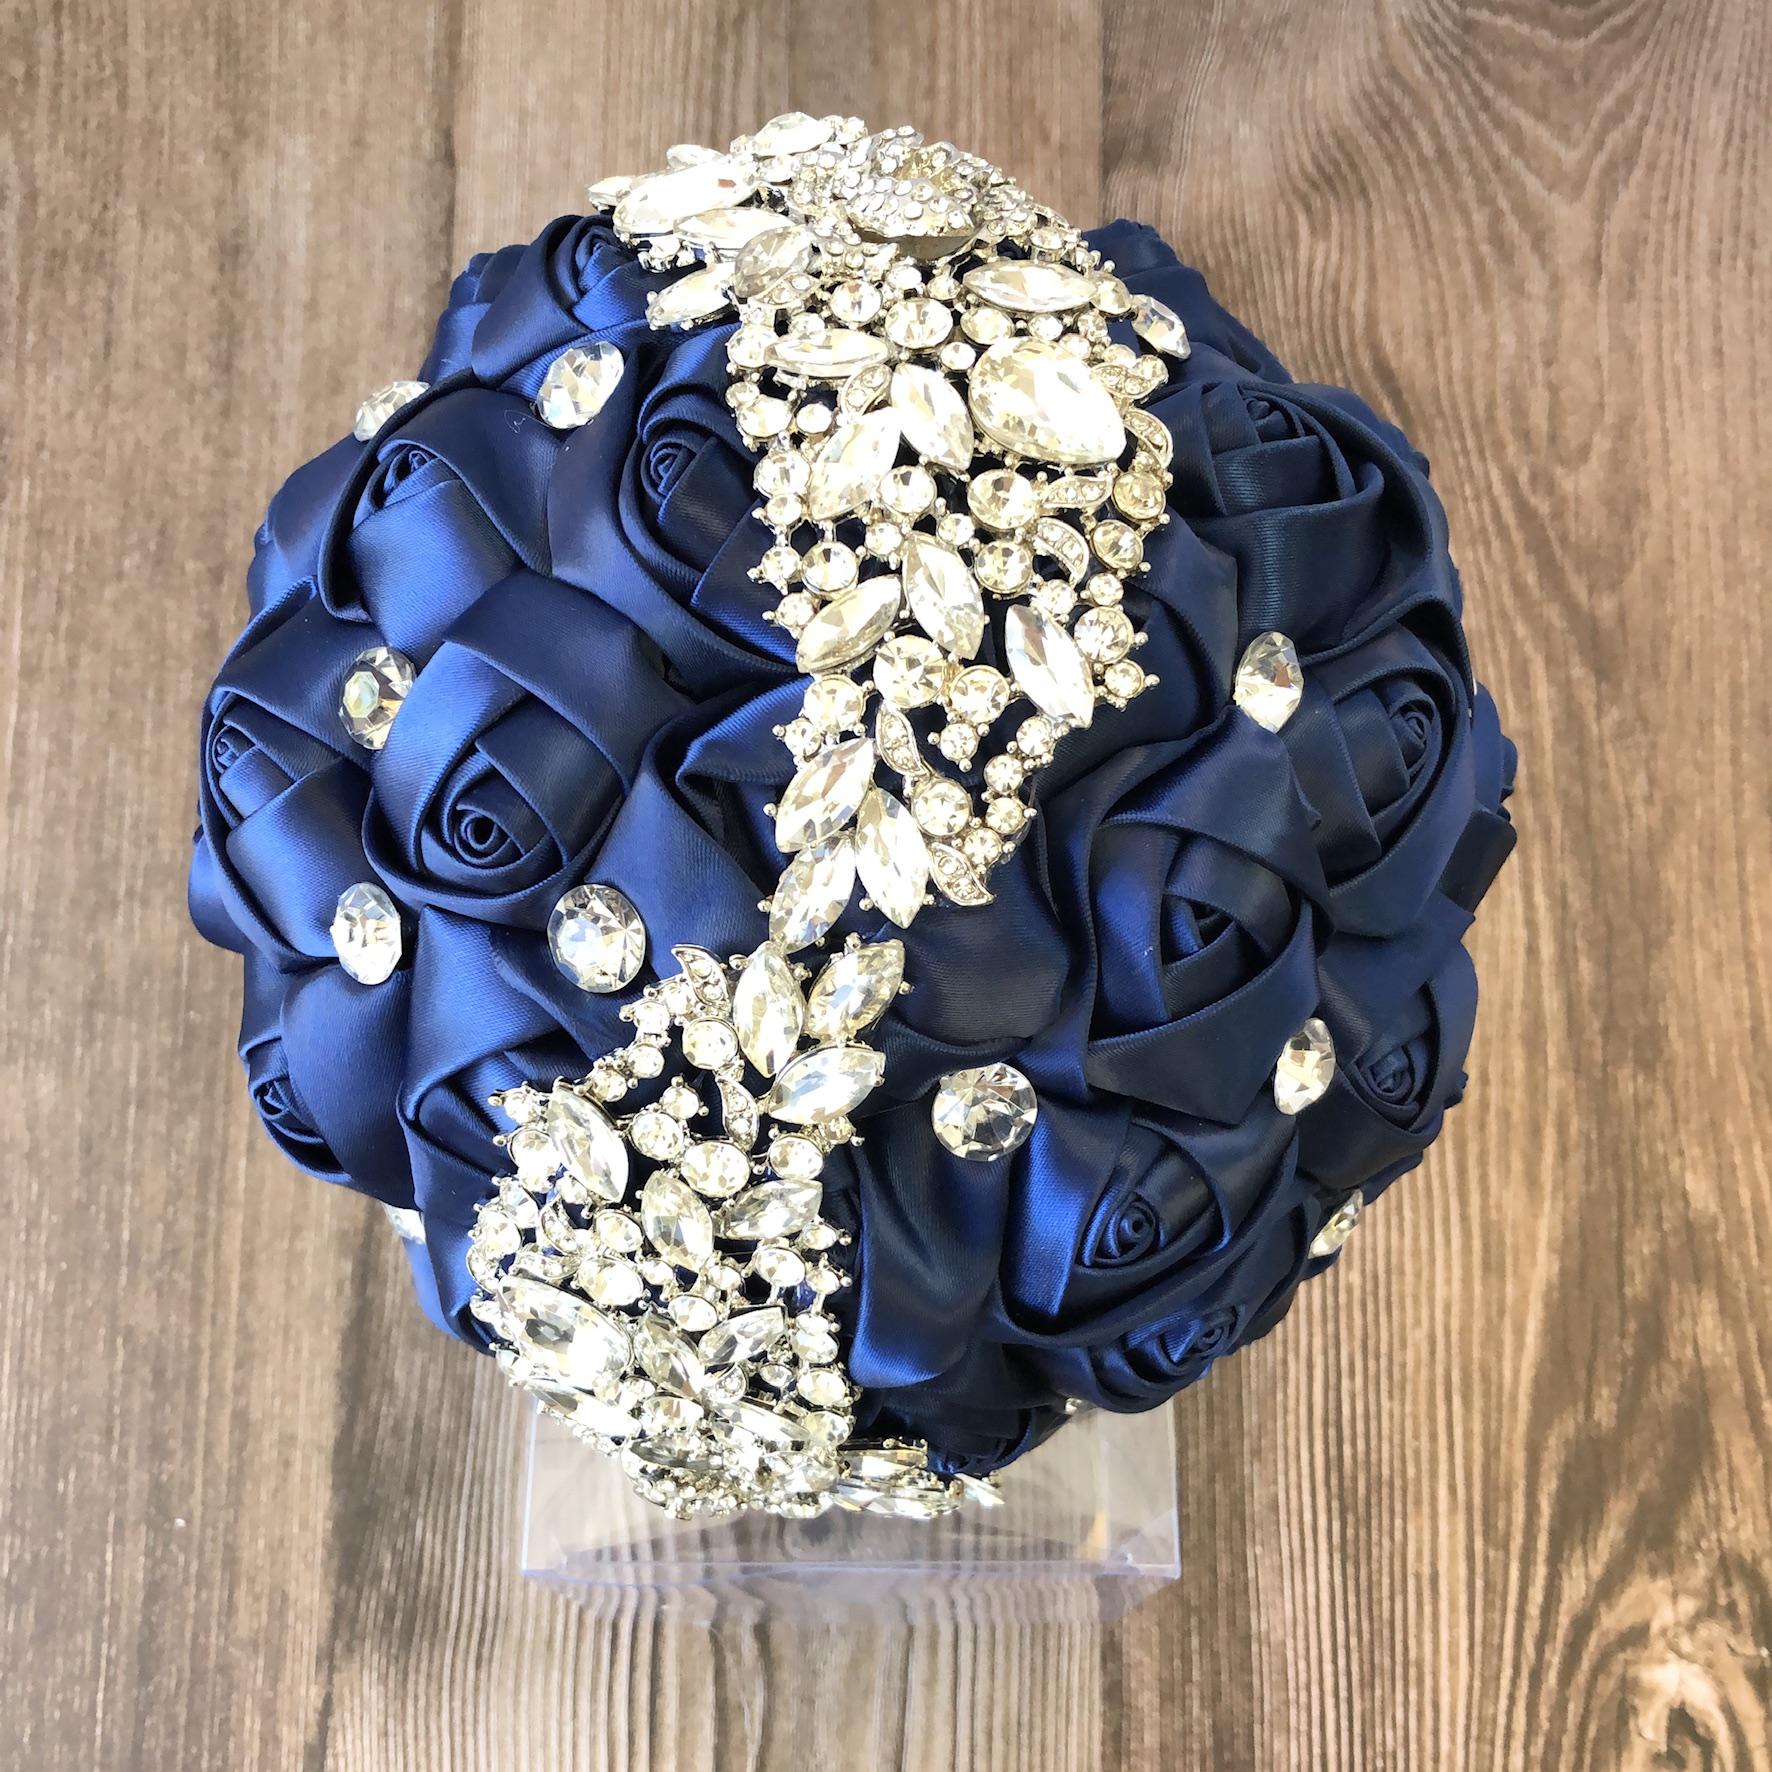 AB /& Clear Rhinestone flower Bridal wedding Bouquet Brooch pin Silver tone Brooch Sash Brooch Bridal dress Brooch Brooch for clutch